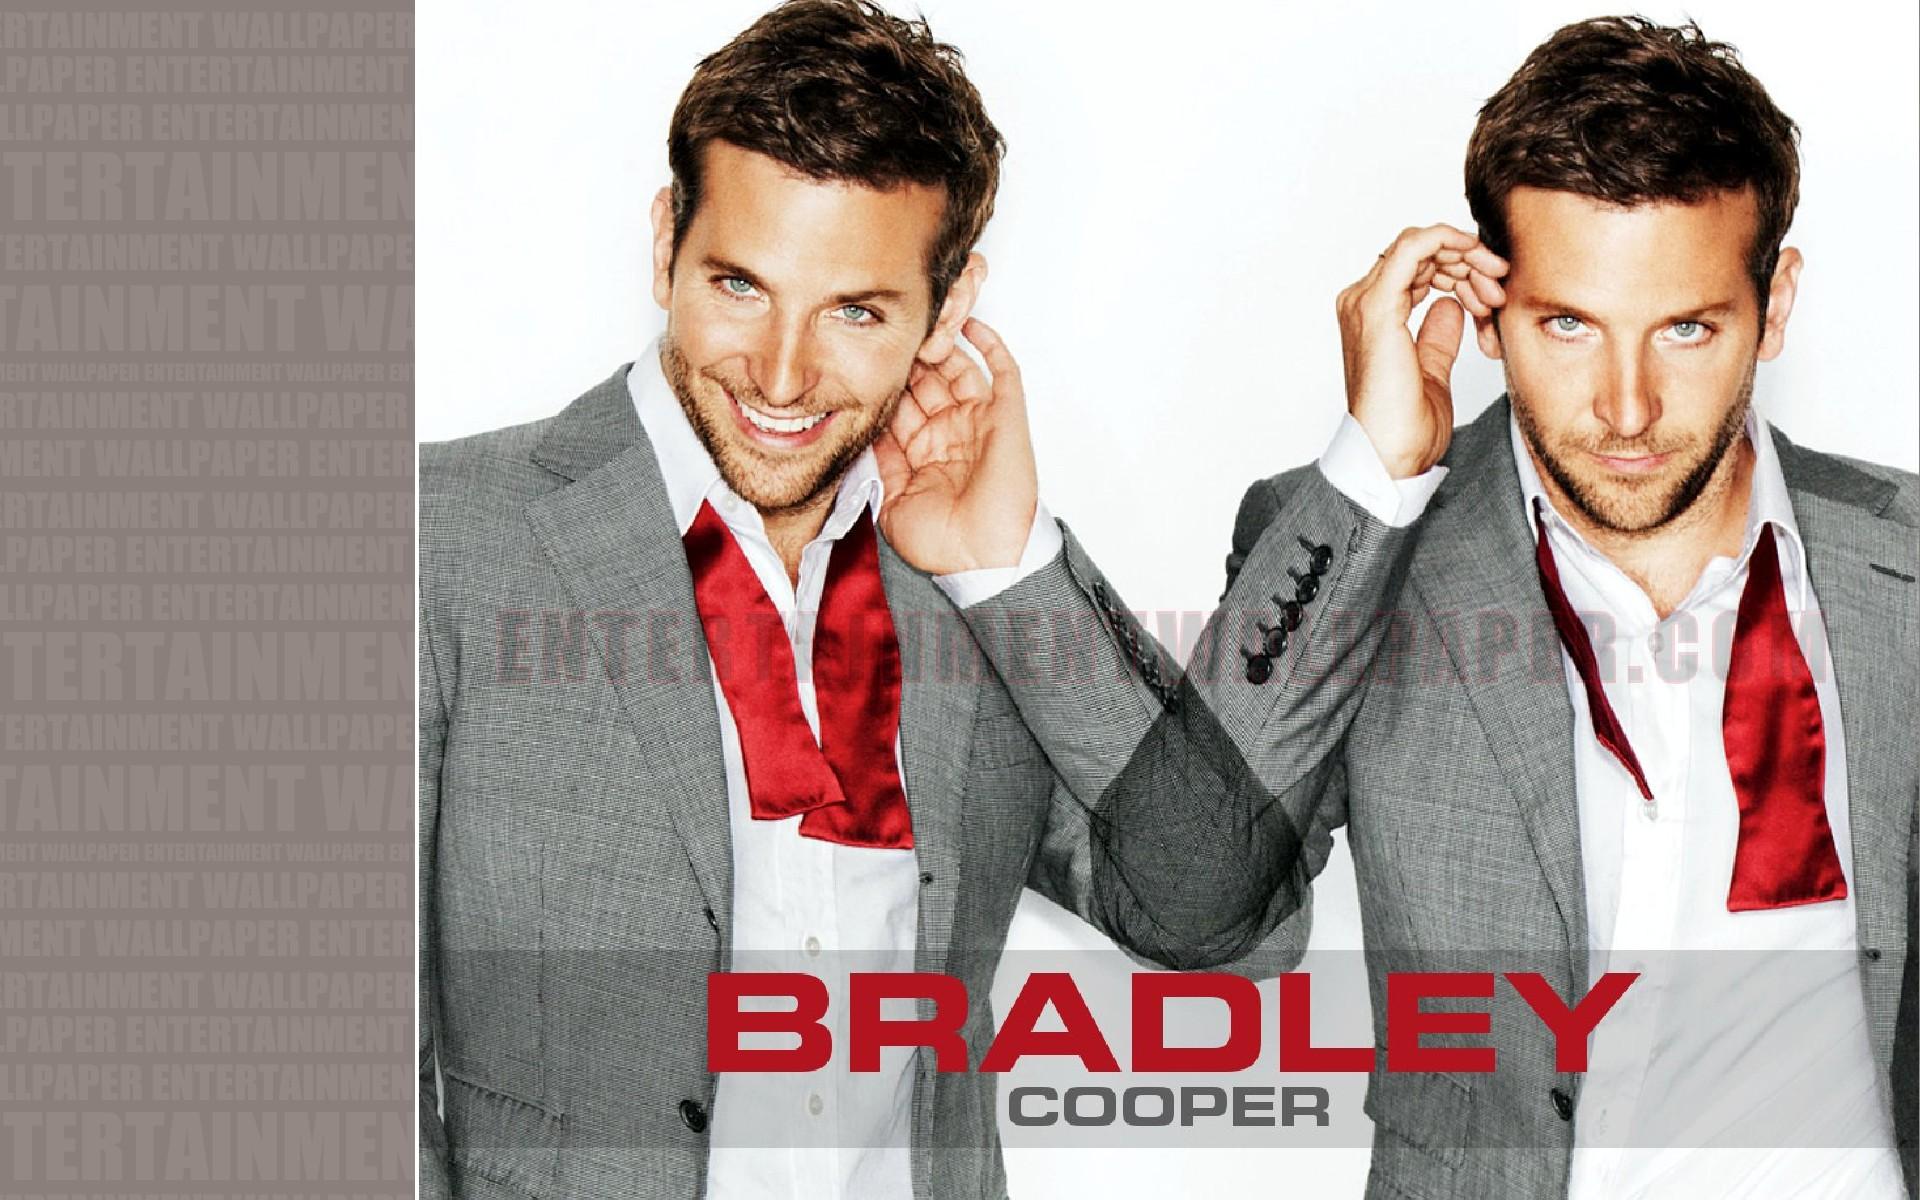 Bradley Cooper Wallpaper   30039504 1920x1200 Desktop 1920x1200